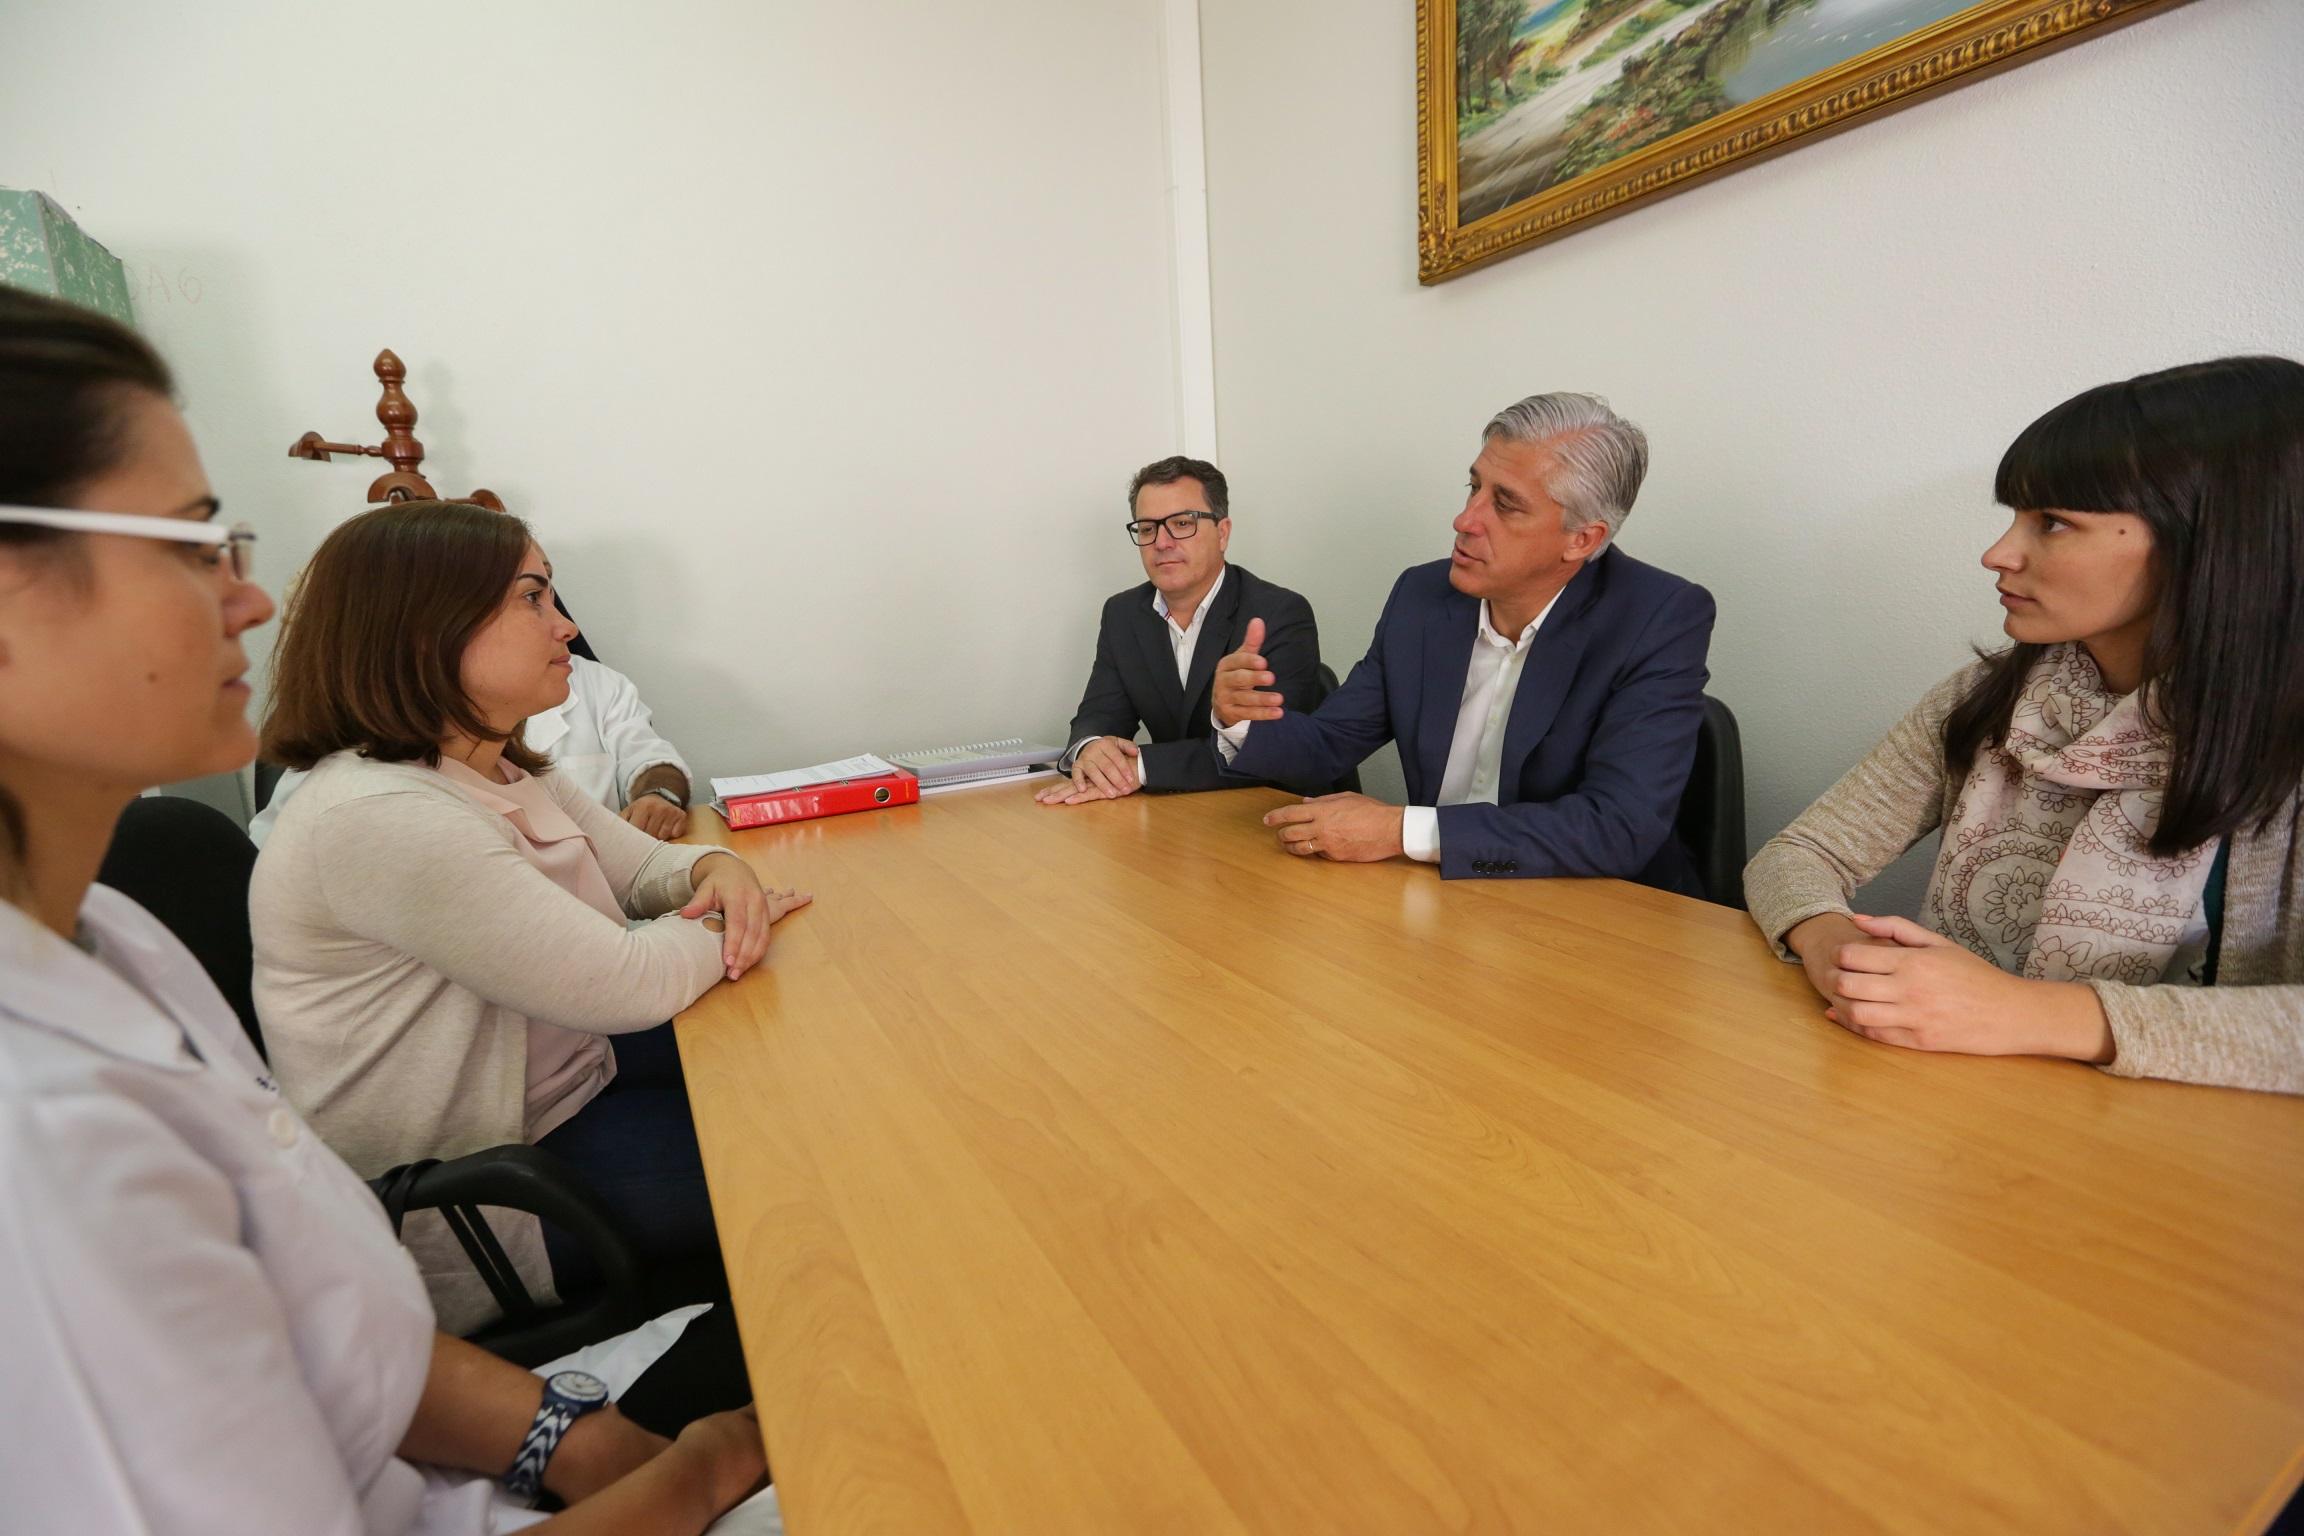 Duarte Freitas garante que os especialistas vão regressar às ilhas sem hospital